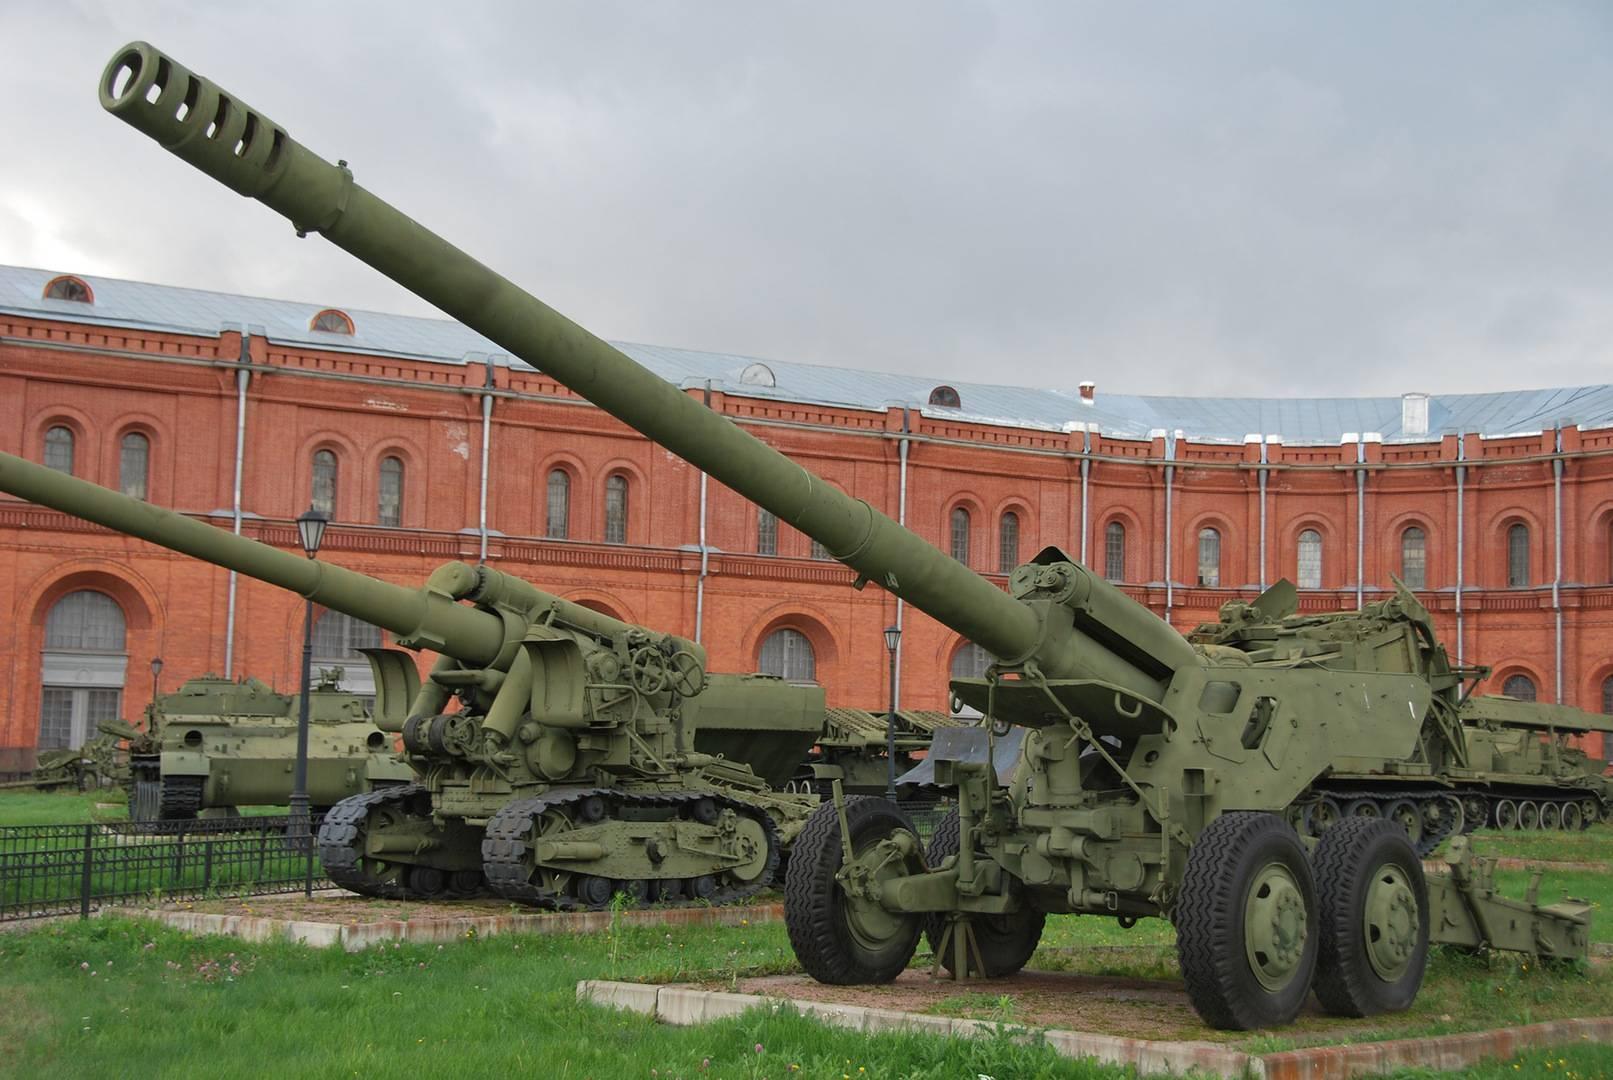 Советская 152-мм пушка 2А36 «Гиацинт-Б» 1976 года – самая мощная в мире колесная, буксируемая артиллерийская система